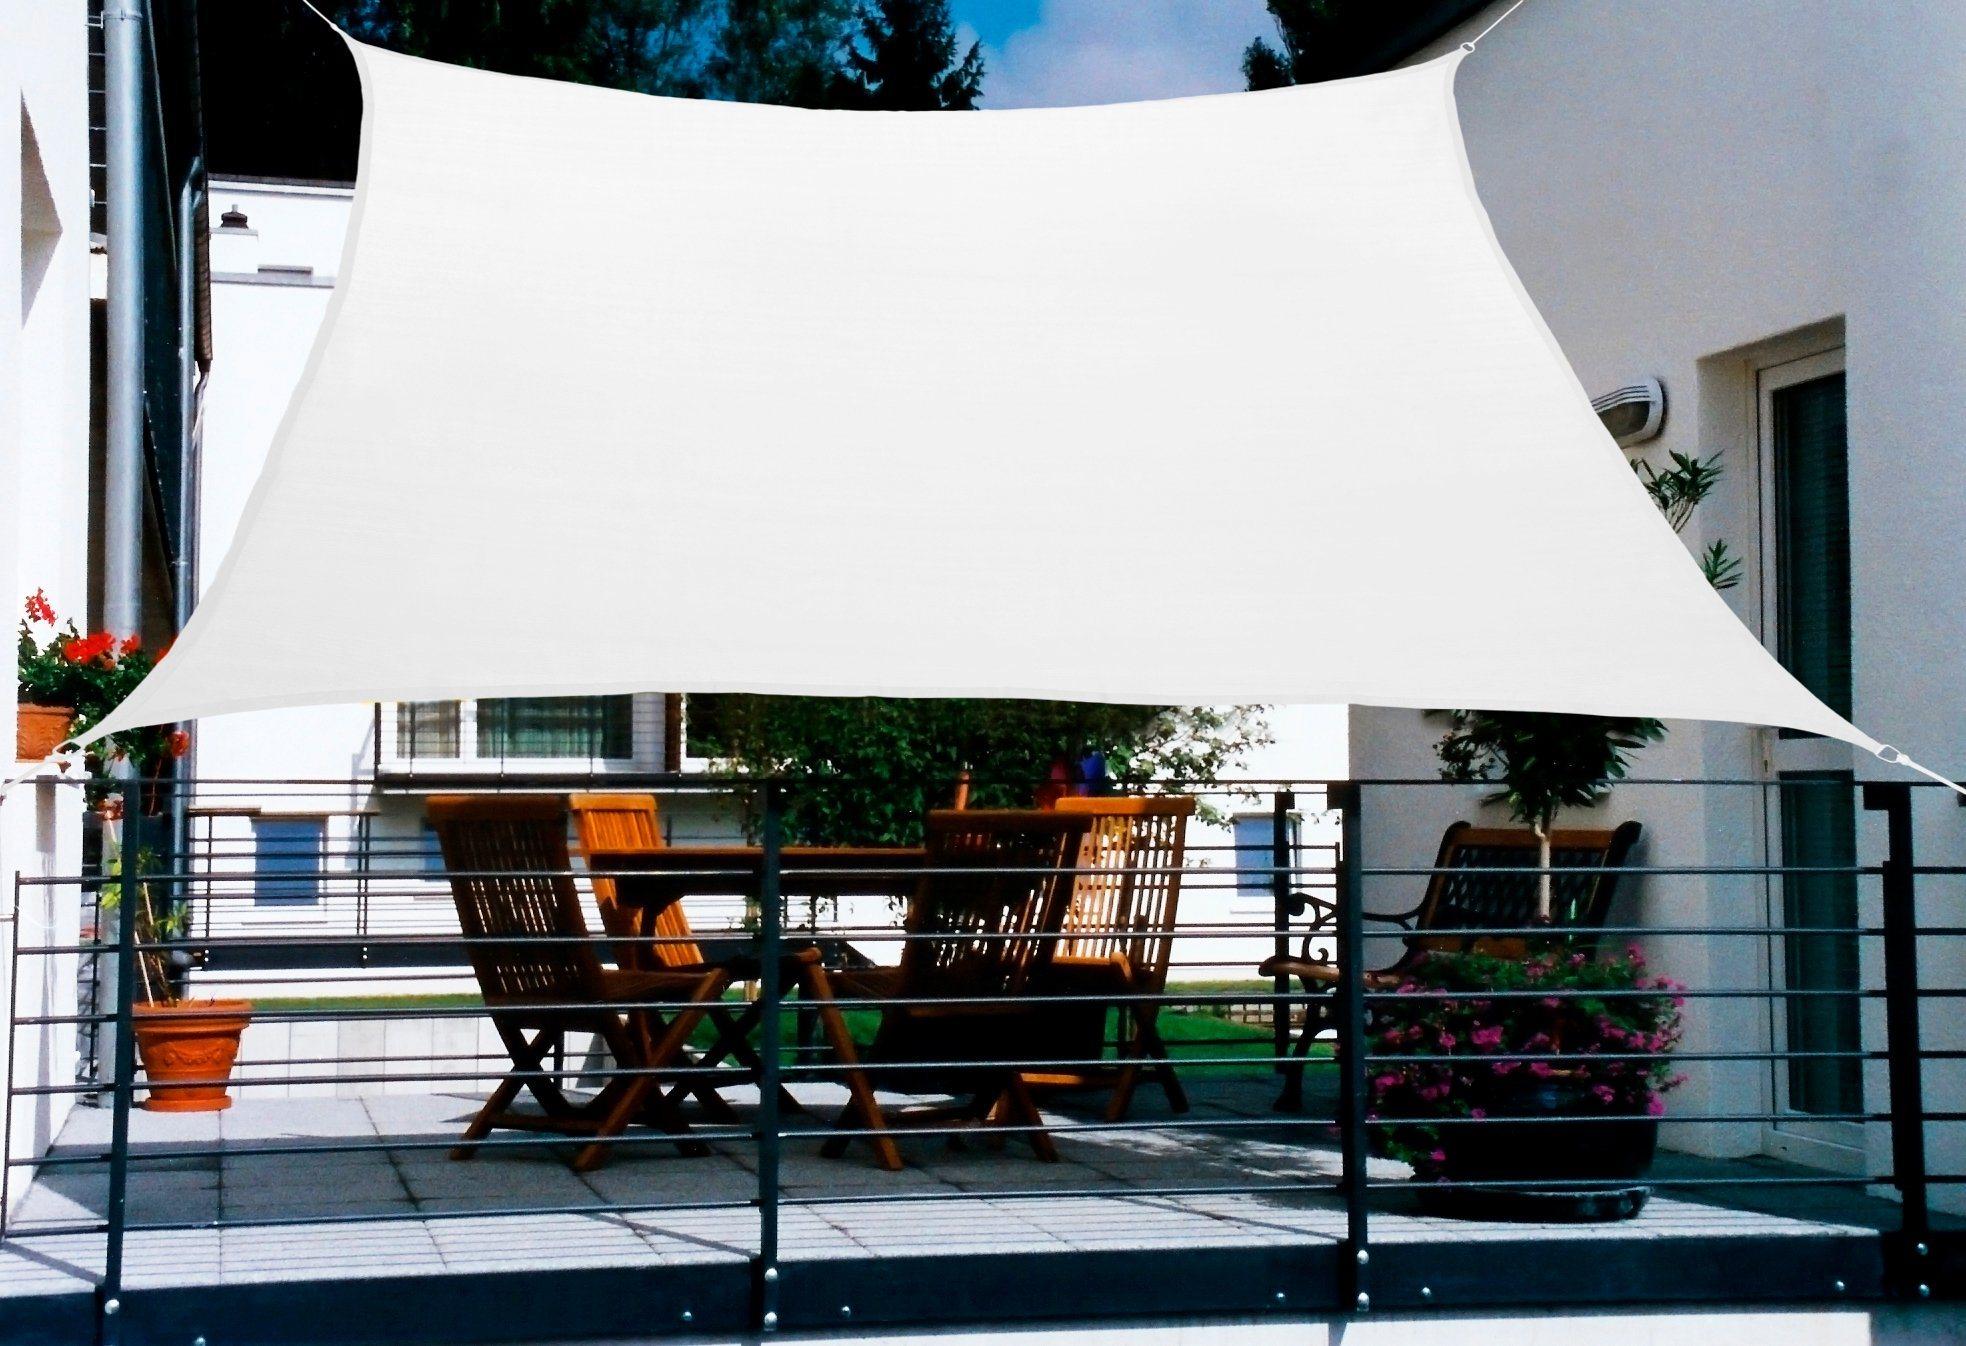 FLORACORD Sonnensegel , BxL: 270x140 cm, cremeweiß | Garten > Sonnenschirme und Markisen > Sonnensegel | Polyethylen | Floracord